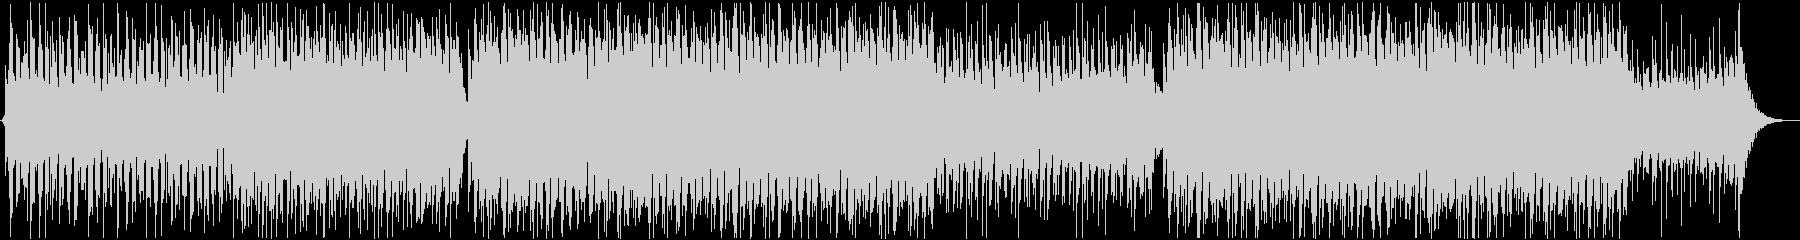 爽やかで優しい音色のトロピカルBGMの未再生の波形